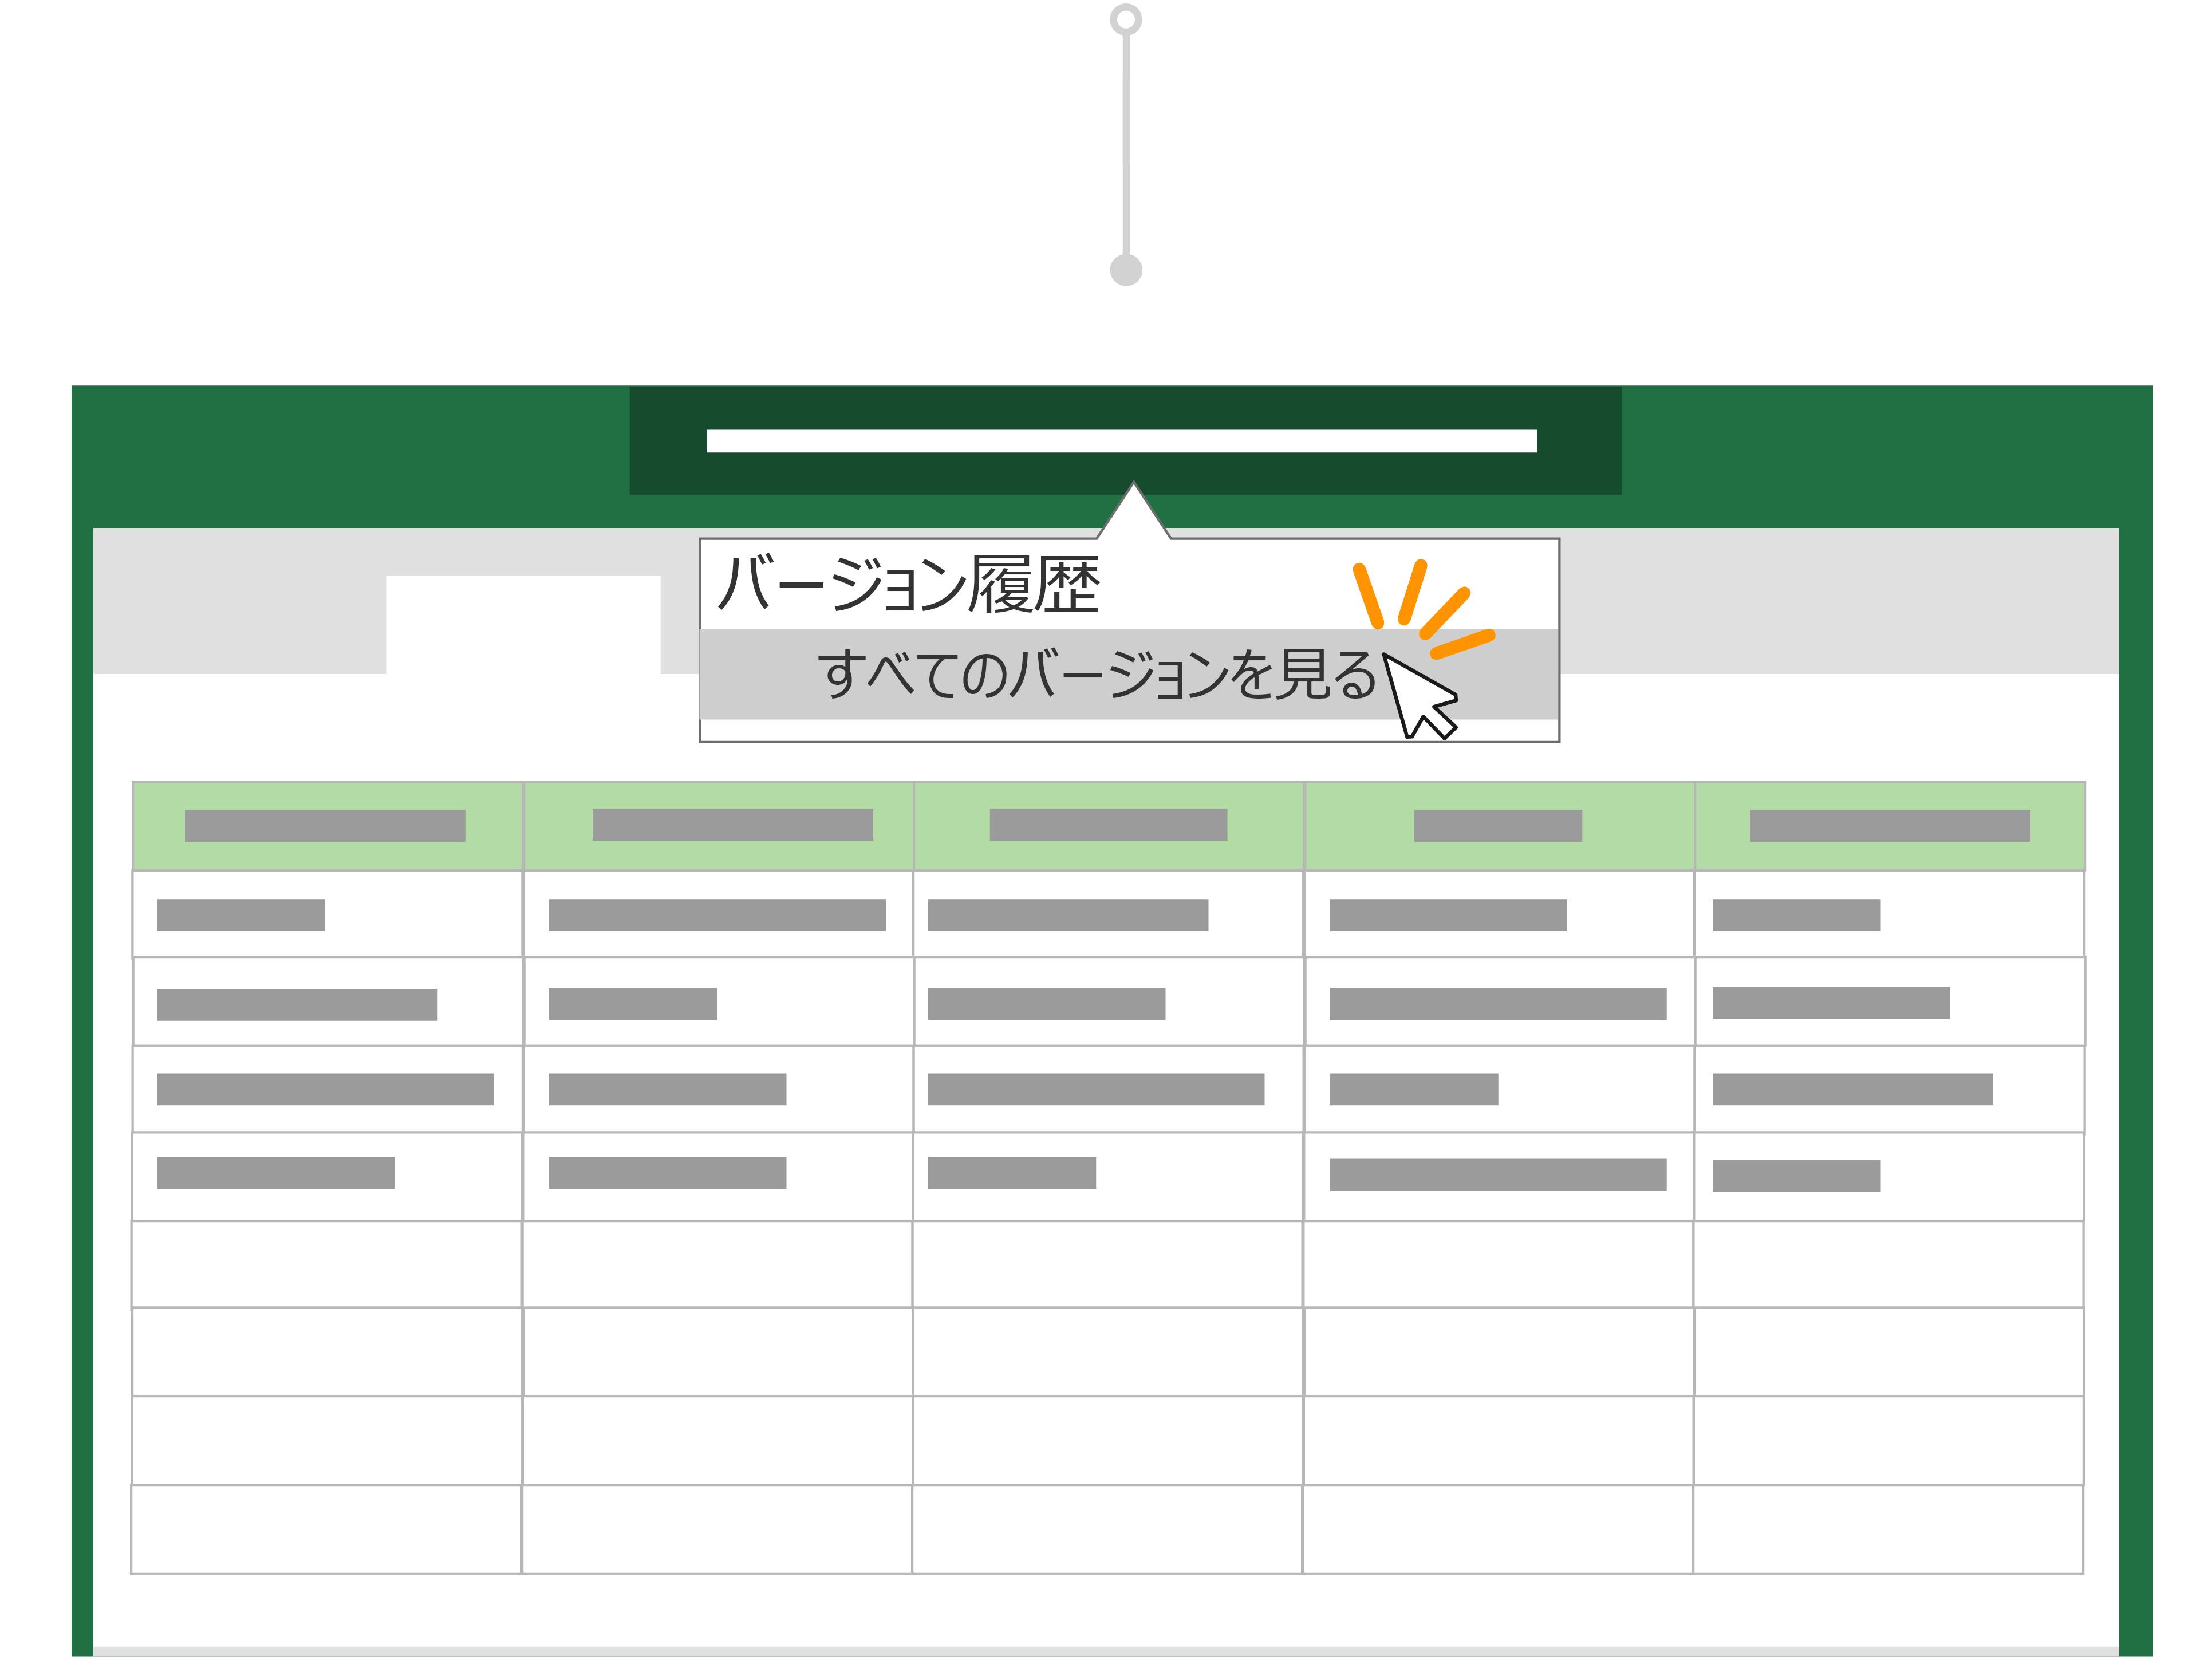 バージョン履歴を使用して、前のバージョンのファイルに戻ります。